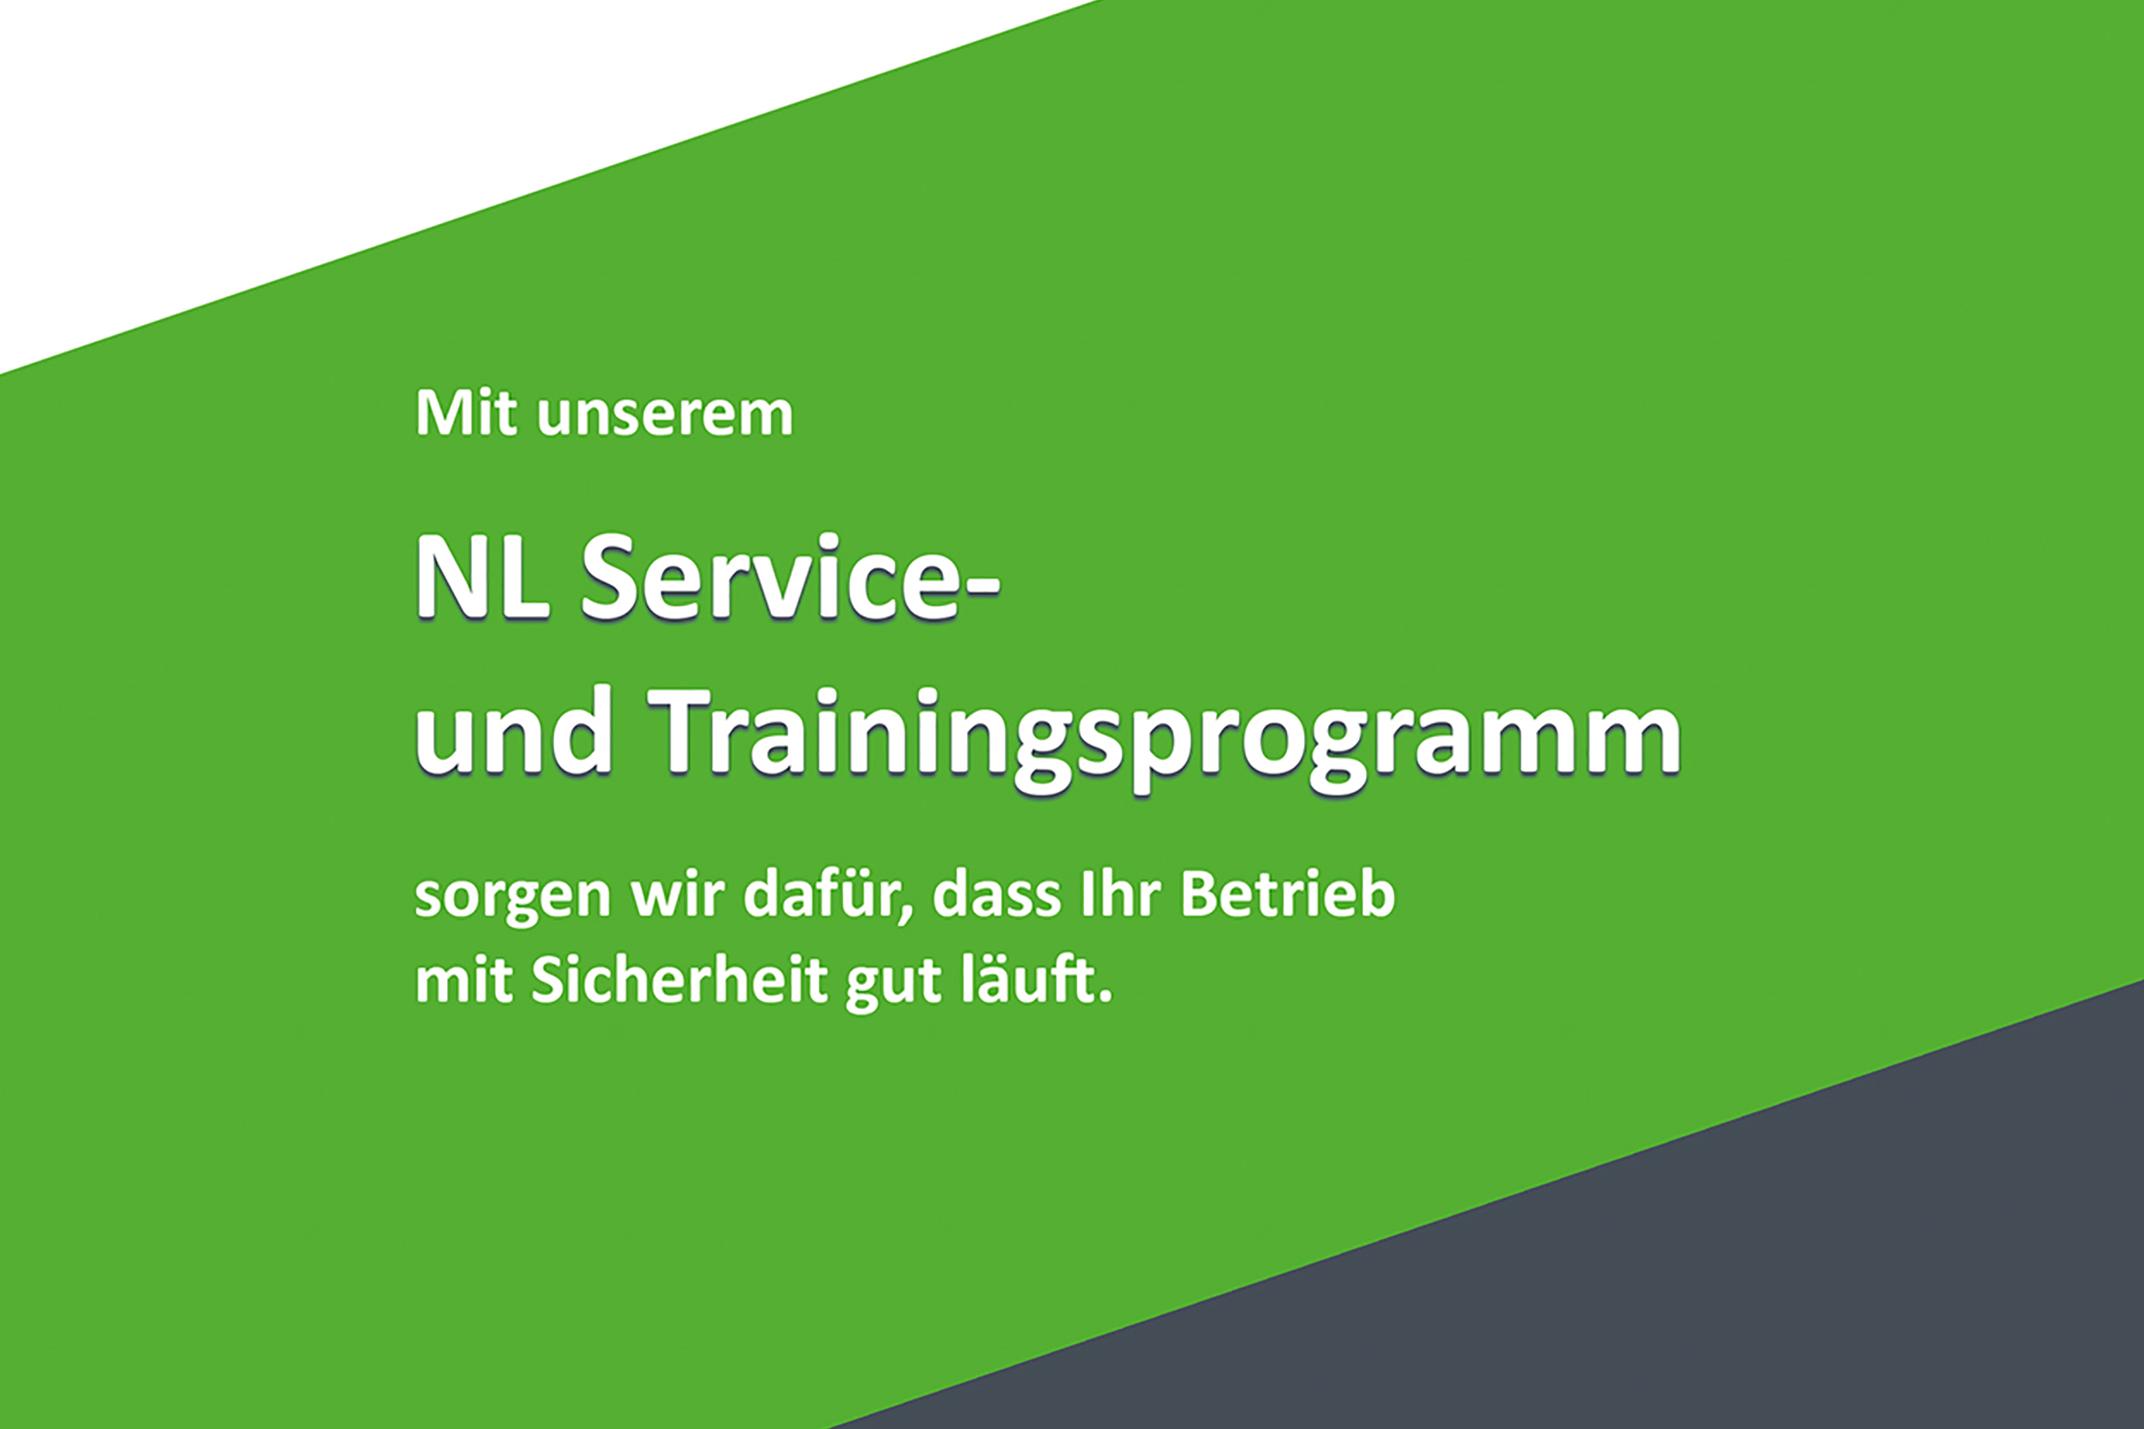 Trainingsprogramm